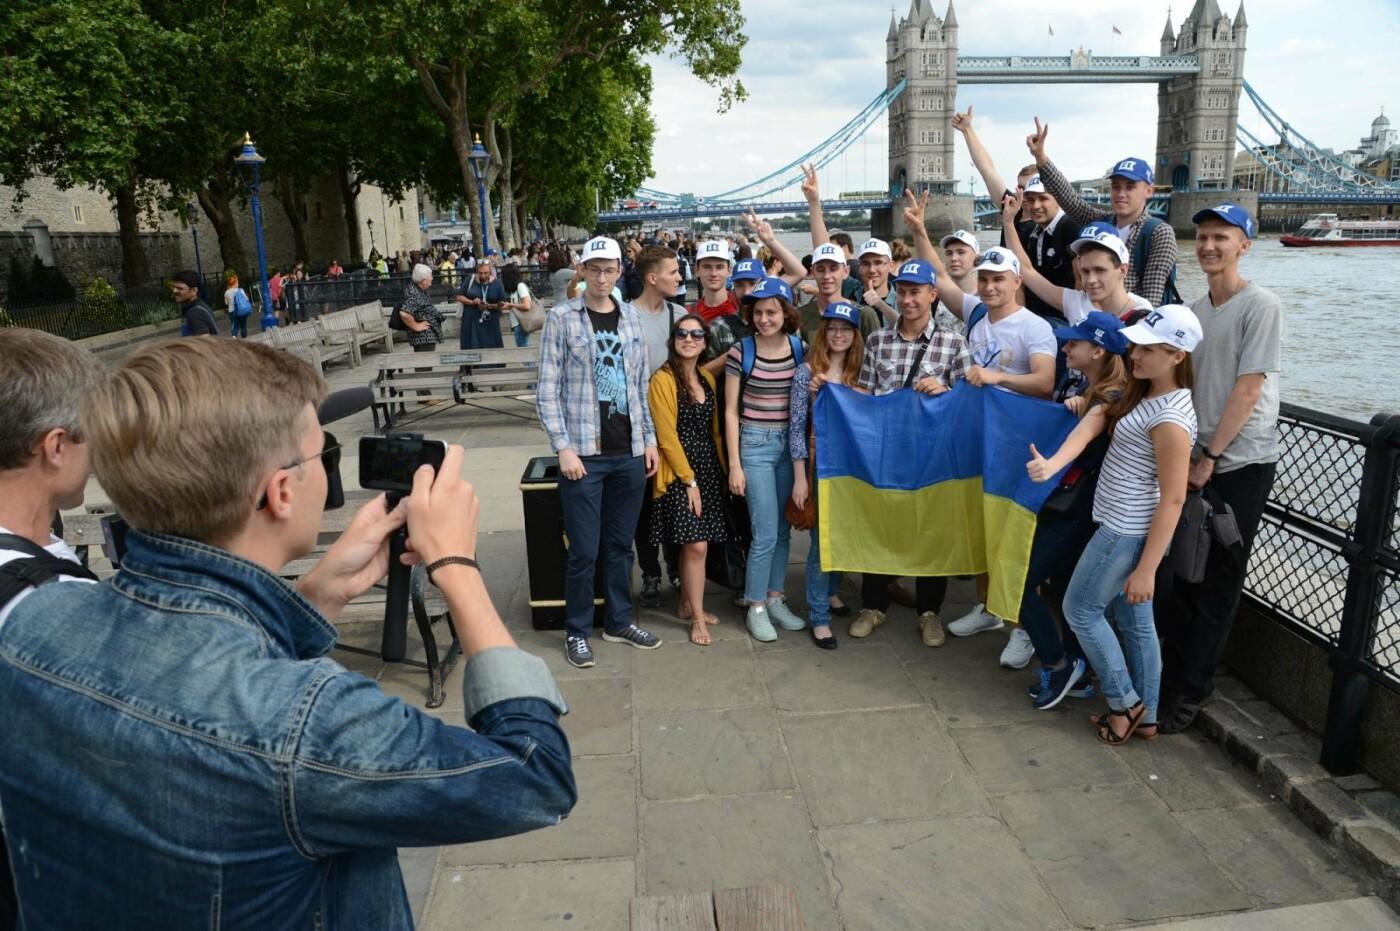 Борис Колесников отправил студентов из Покровска на авиафорум в Лондон, фото-5